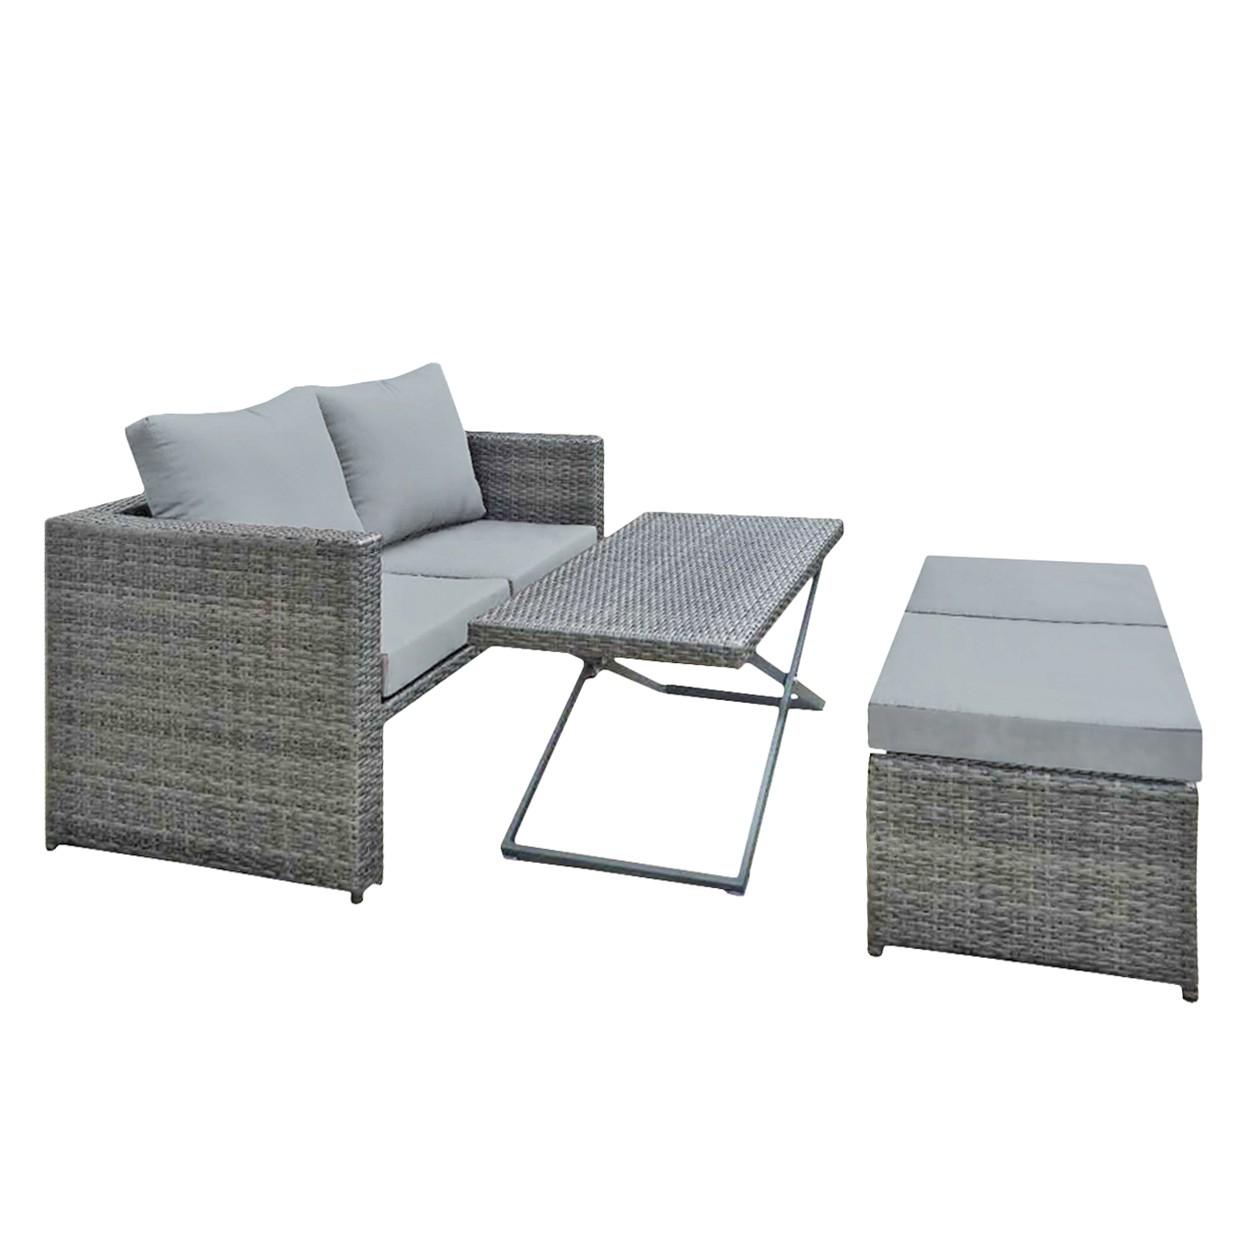 polyrattan sitzgruppe preisvergleich die besten angebote online kaufen. Black Bedroom Furniture Sets. Home Design Ideas